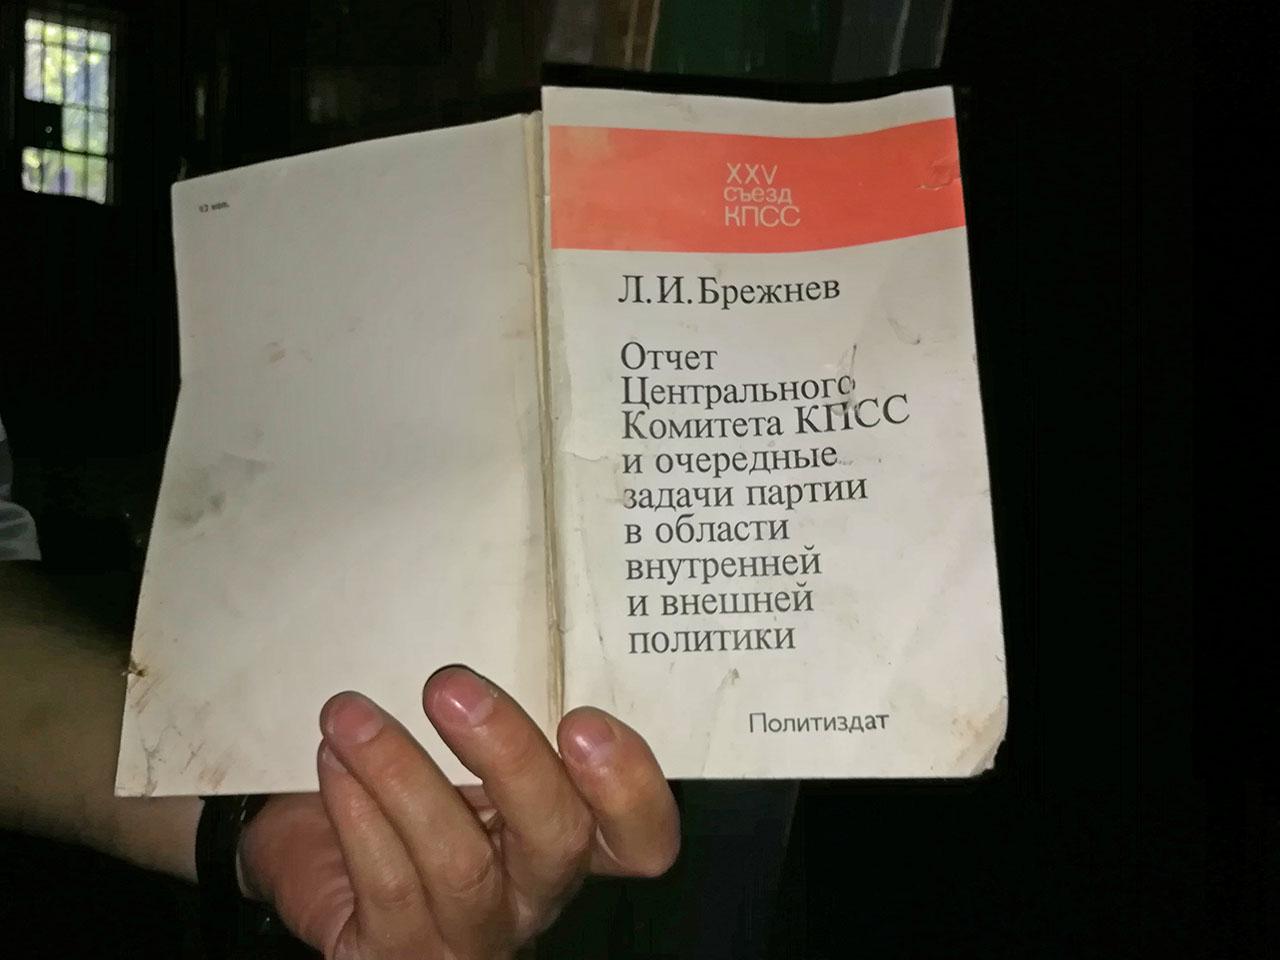 Отчет ЦК КПСС и очередные задачи партии в области внутренней и внешней политики. Фото из архива Елены Полищук. 2018 год.